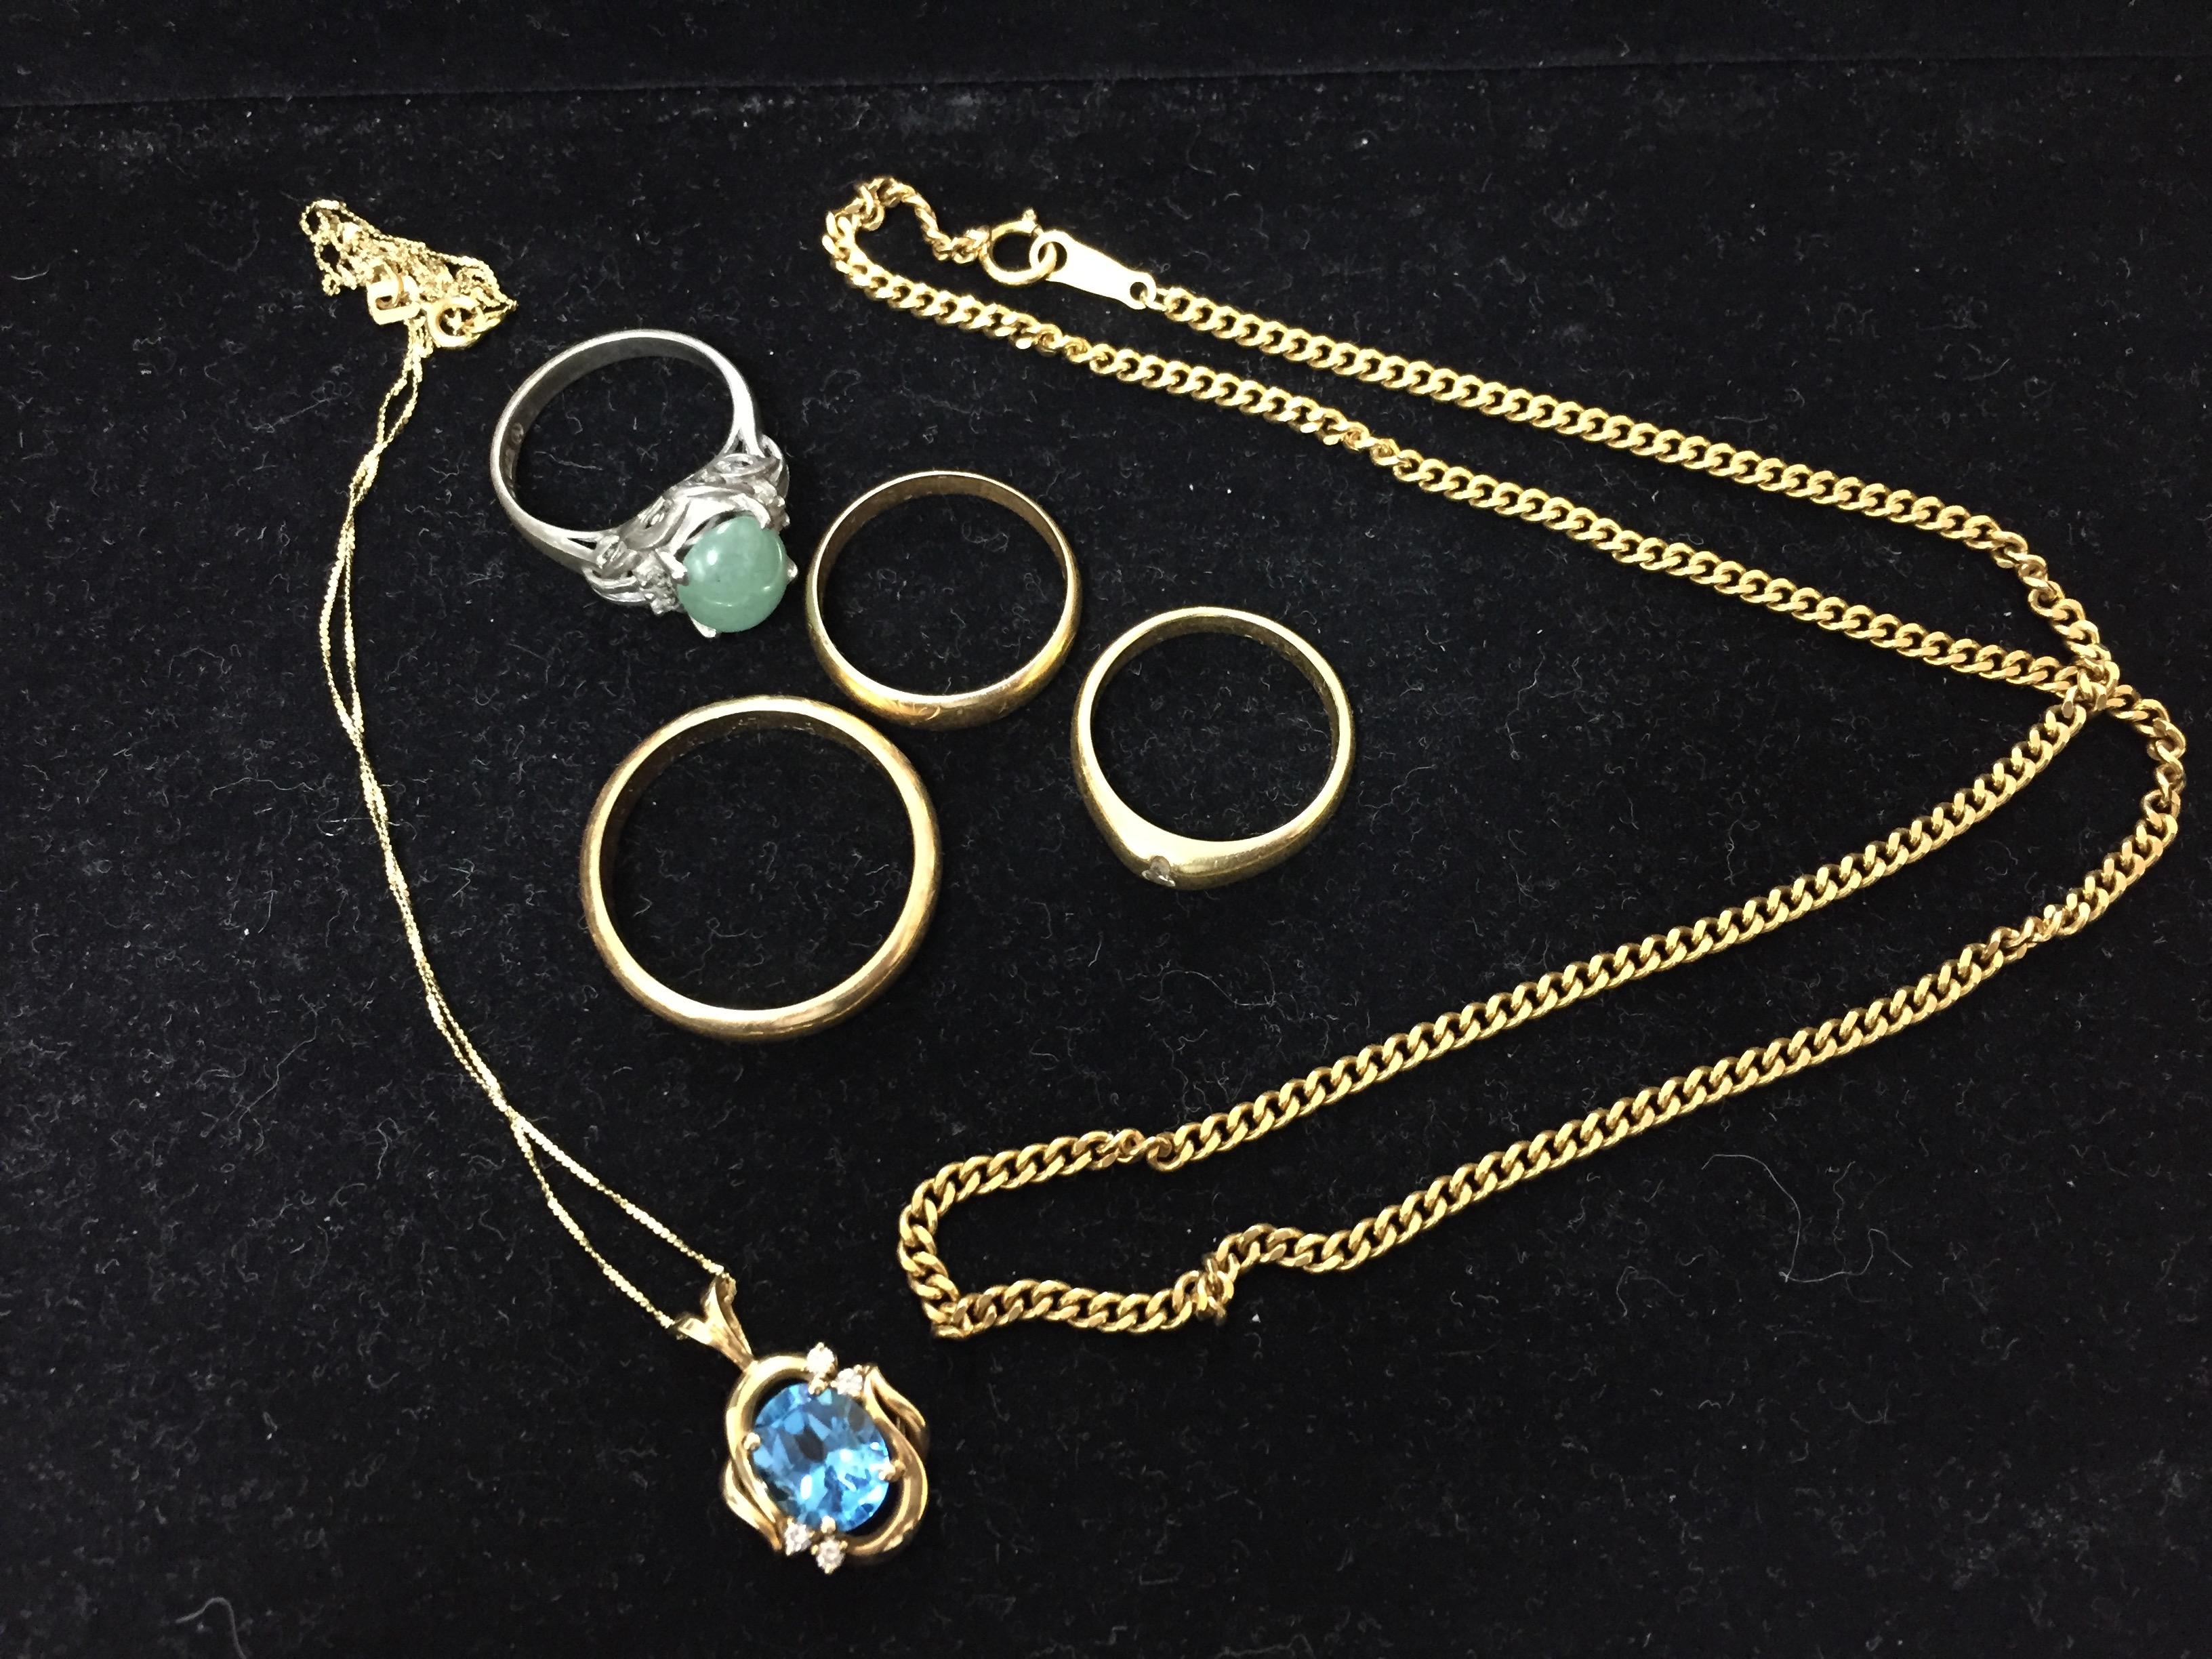 金 プラチナ 貴金属 ダイヤモンド 宝石 ダイヤ 指輪 ネックレス